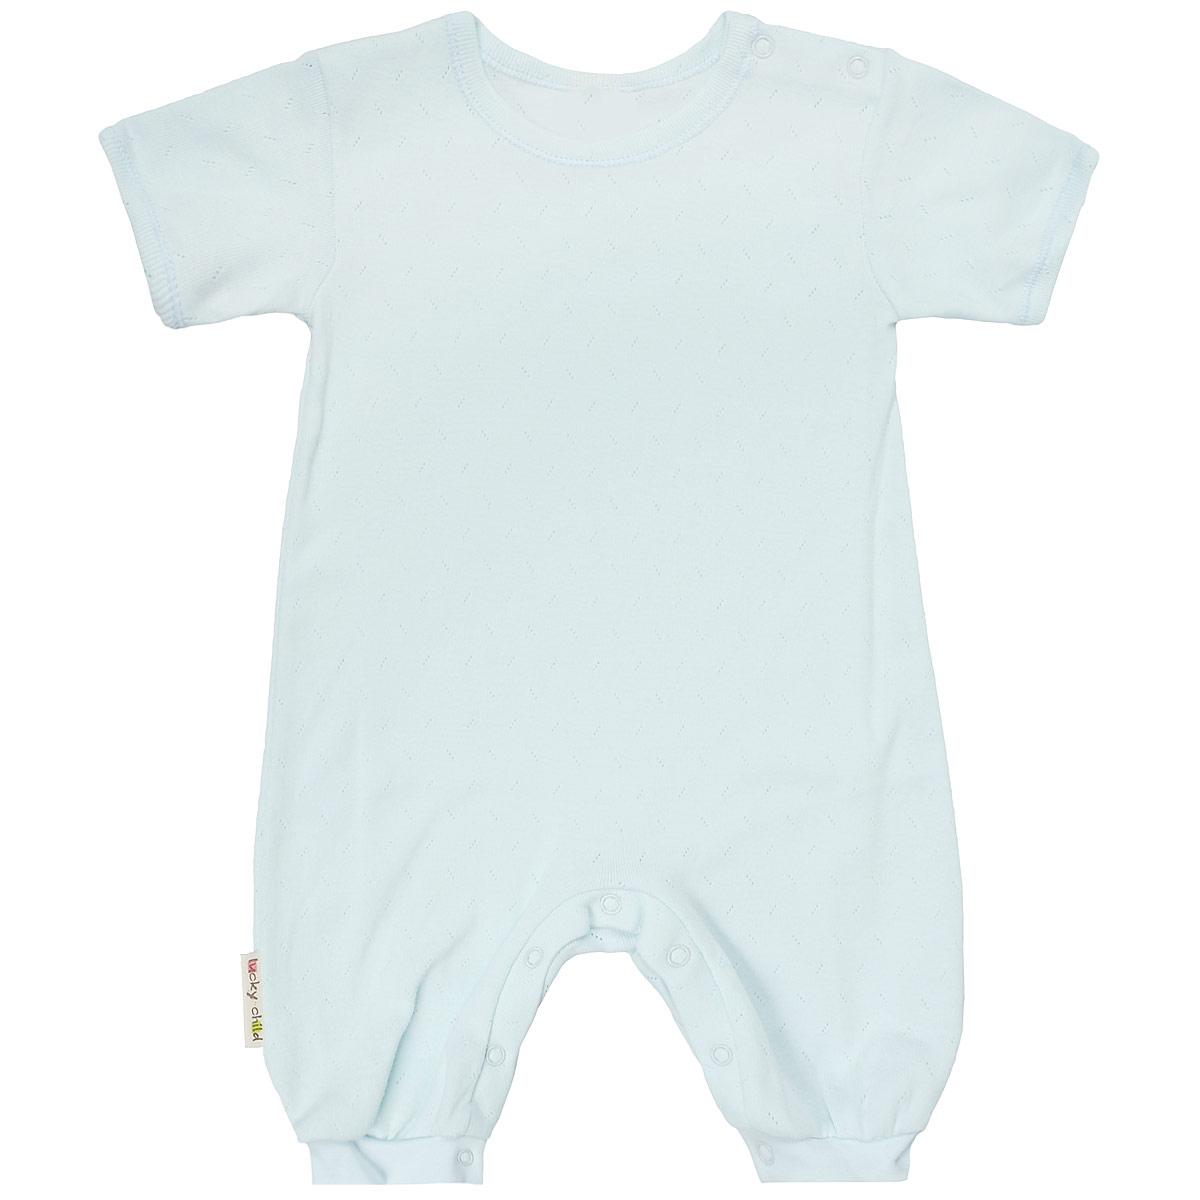 Песочник детский Lucky Child, цвет: светло-голубой. 0-28. Размер 80/86